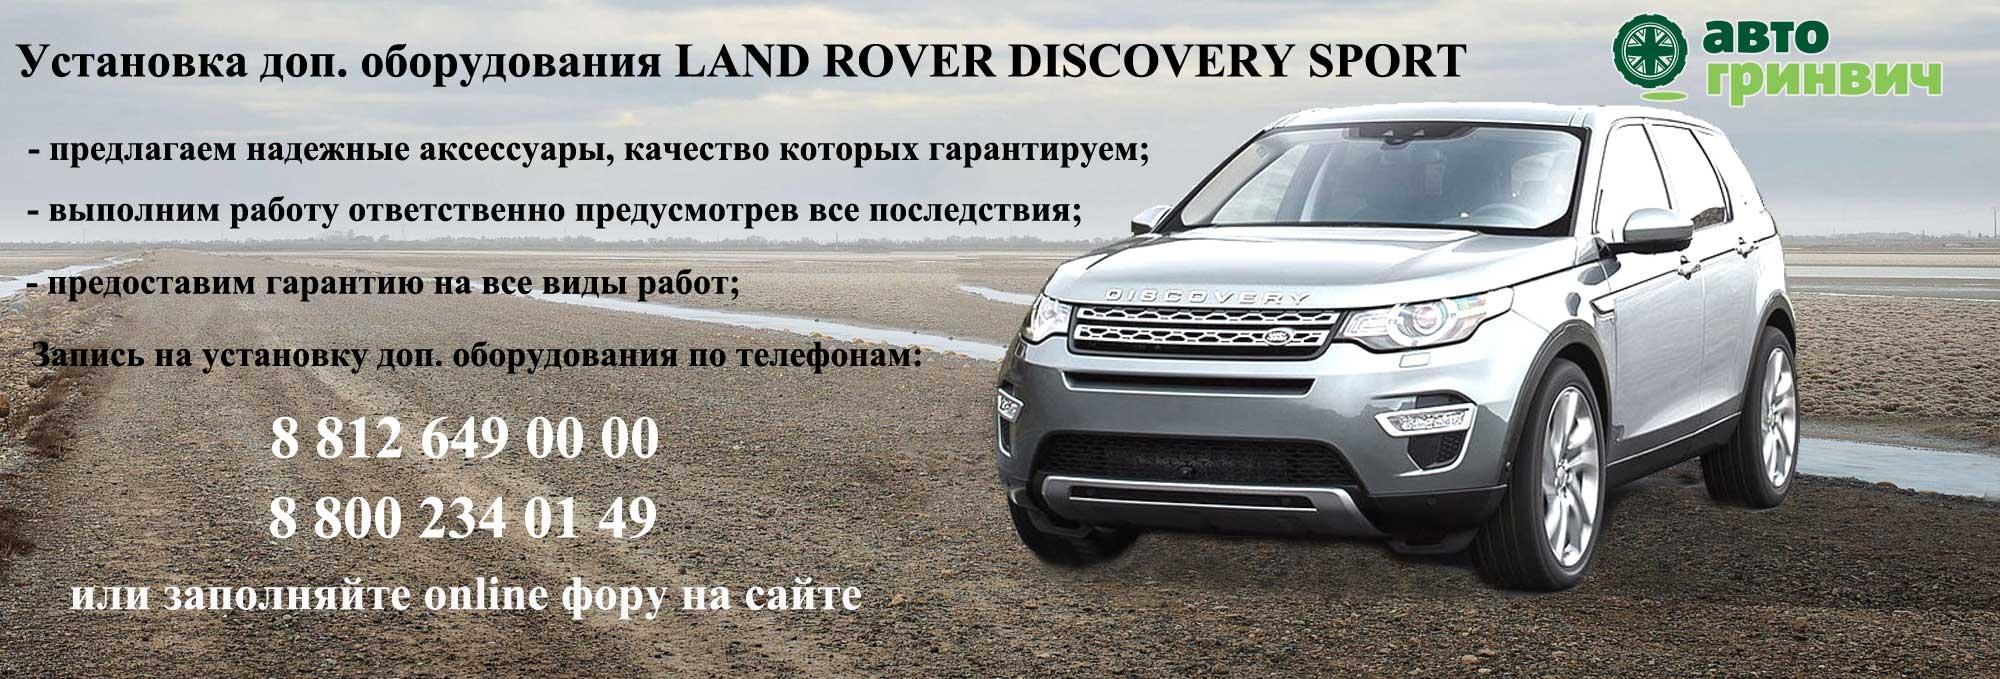 Установка доп оборудования Discovery Sport